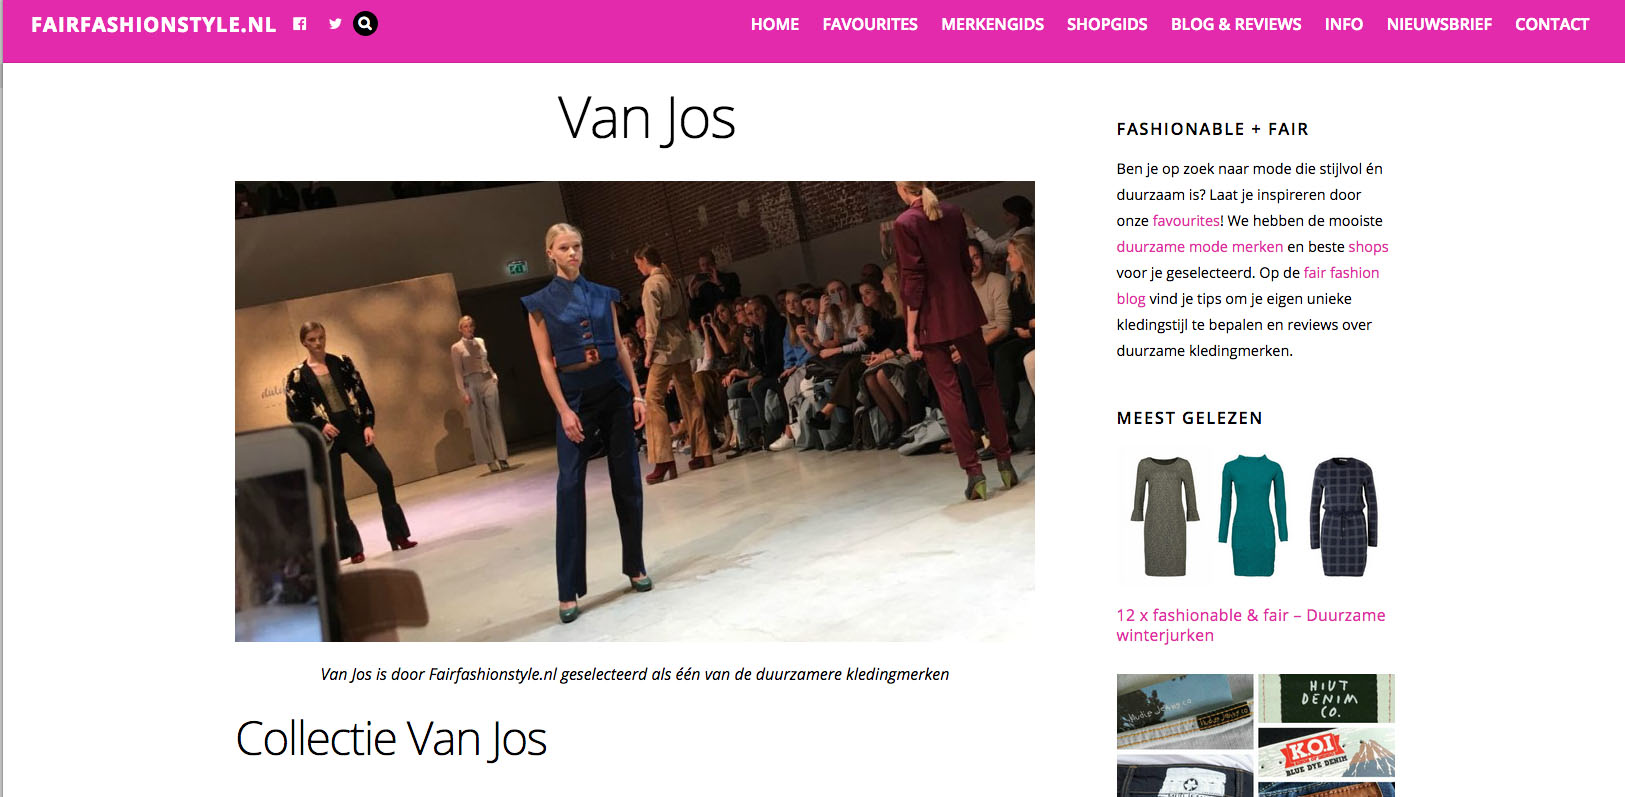 _Van Jos on FairFashionStyle 3